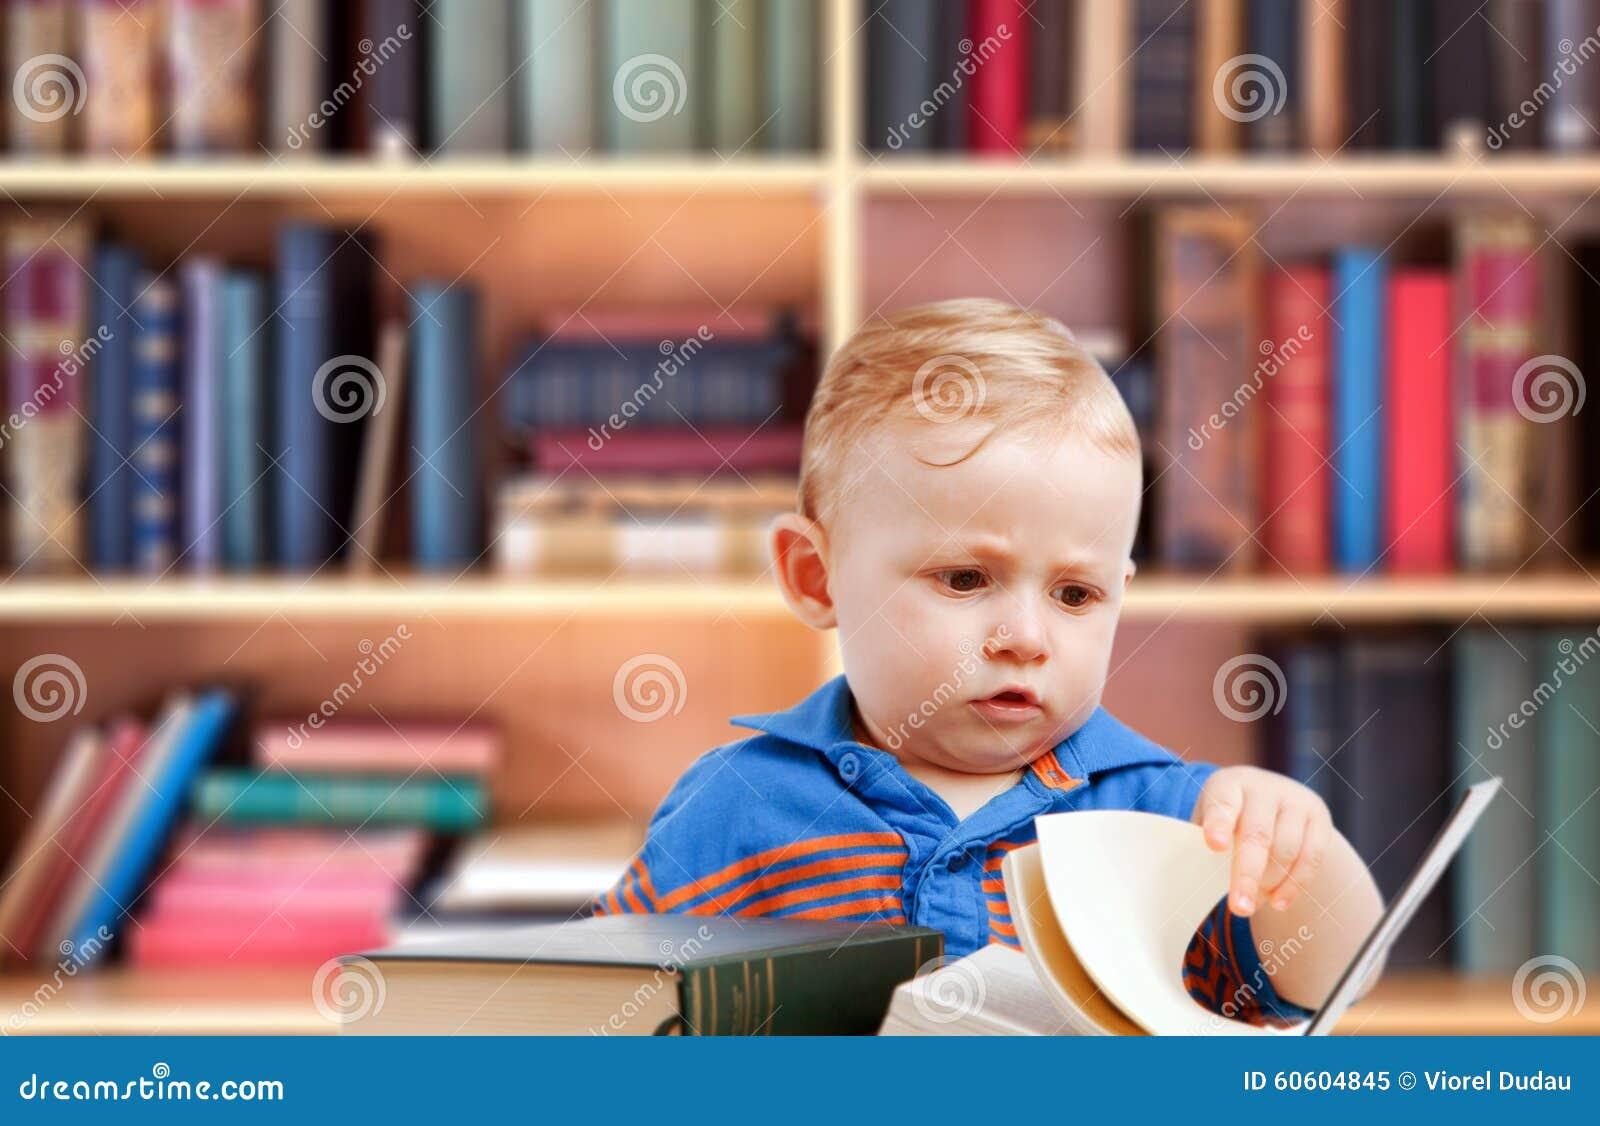 Babylezing in bibliotheek